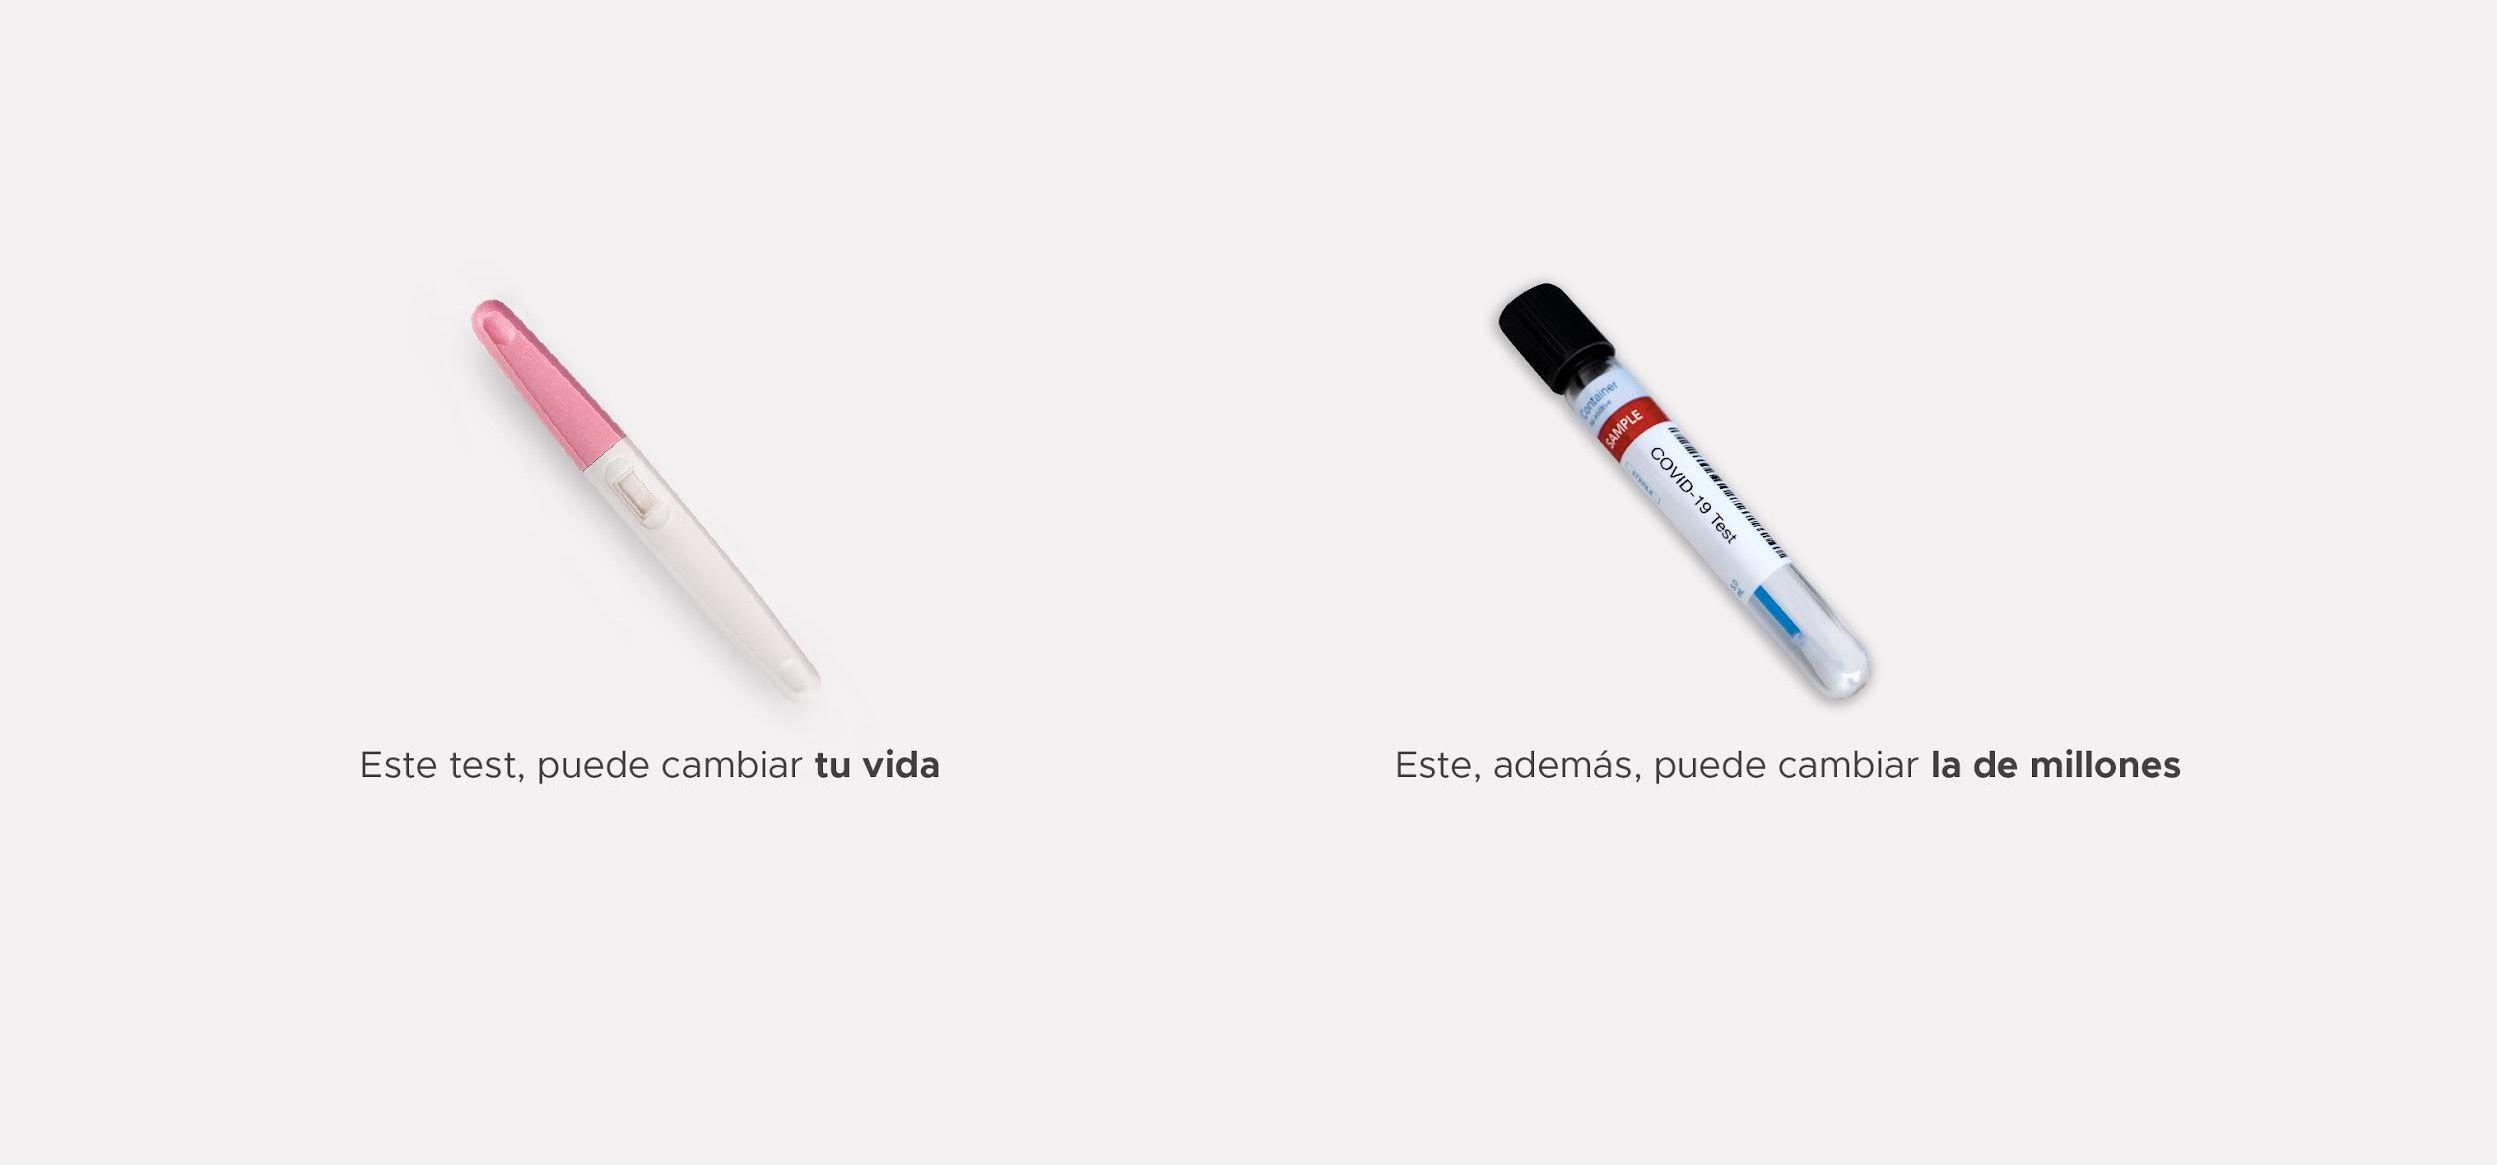 #ElAnálisisDefinitivo es la otra campaña de concienciación de Parnaso Comunicación en esta crisis COVID19. Esta llama la atención sobre los test masivos.